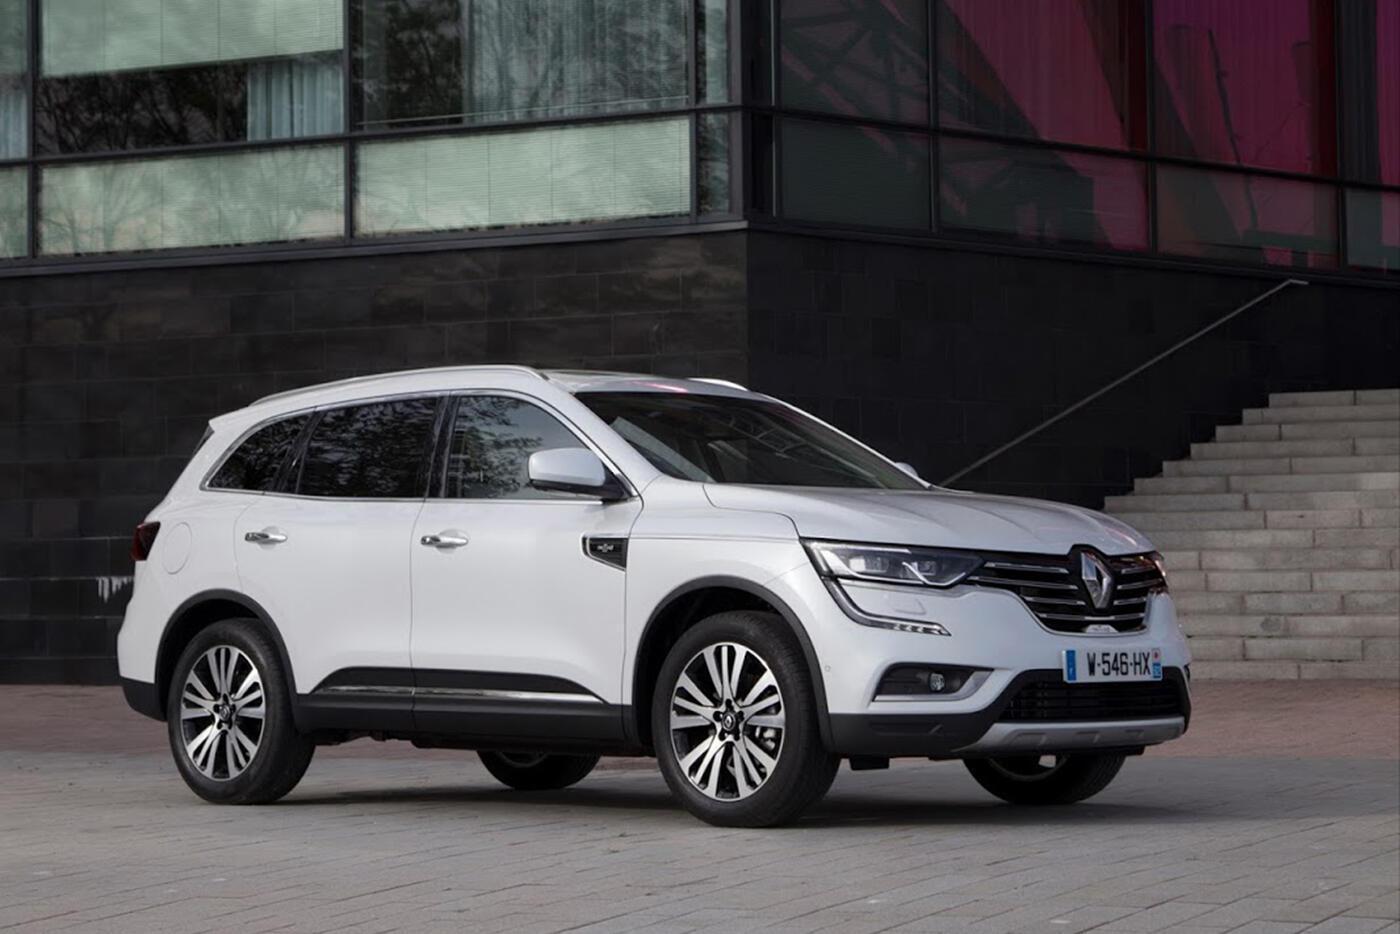 Xem thêm ảnh Renault Koleos 2017 - Hình 1